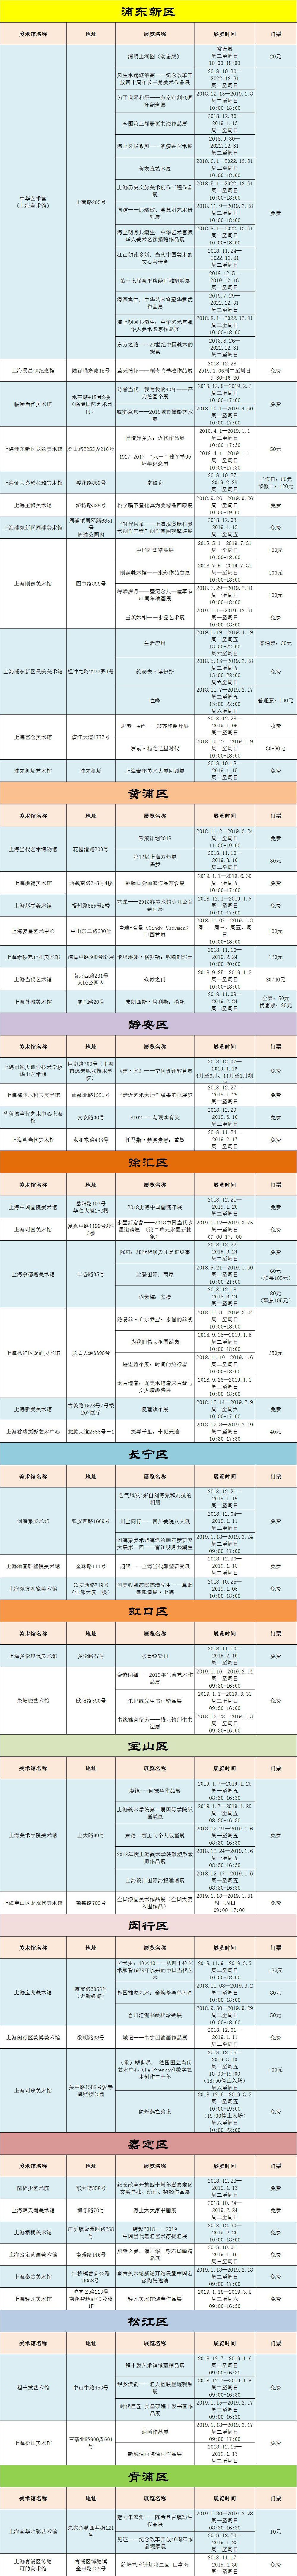 2019年1月上海各大美术馆观展指南